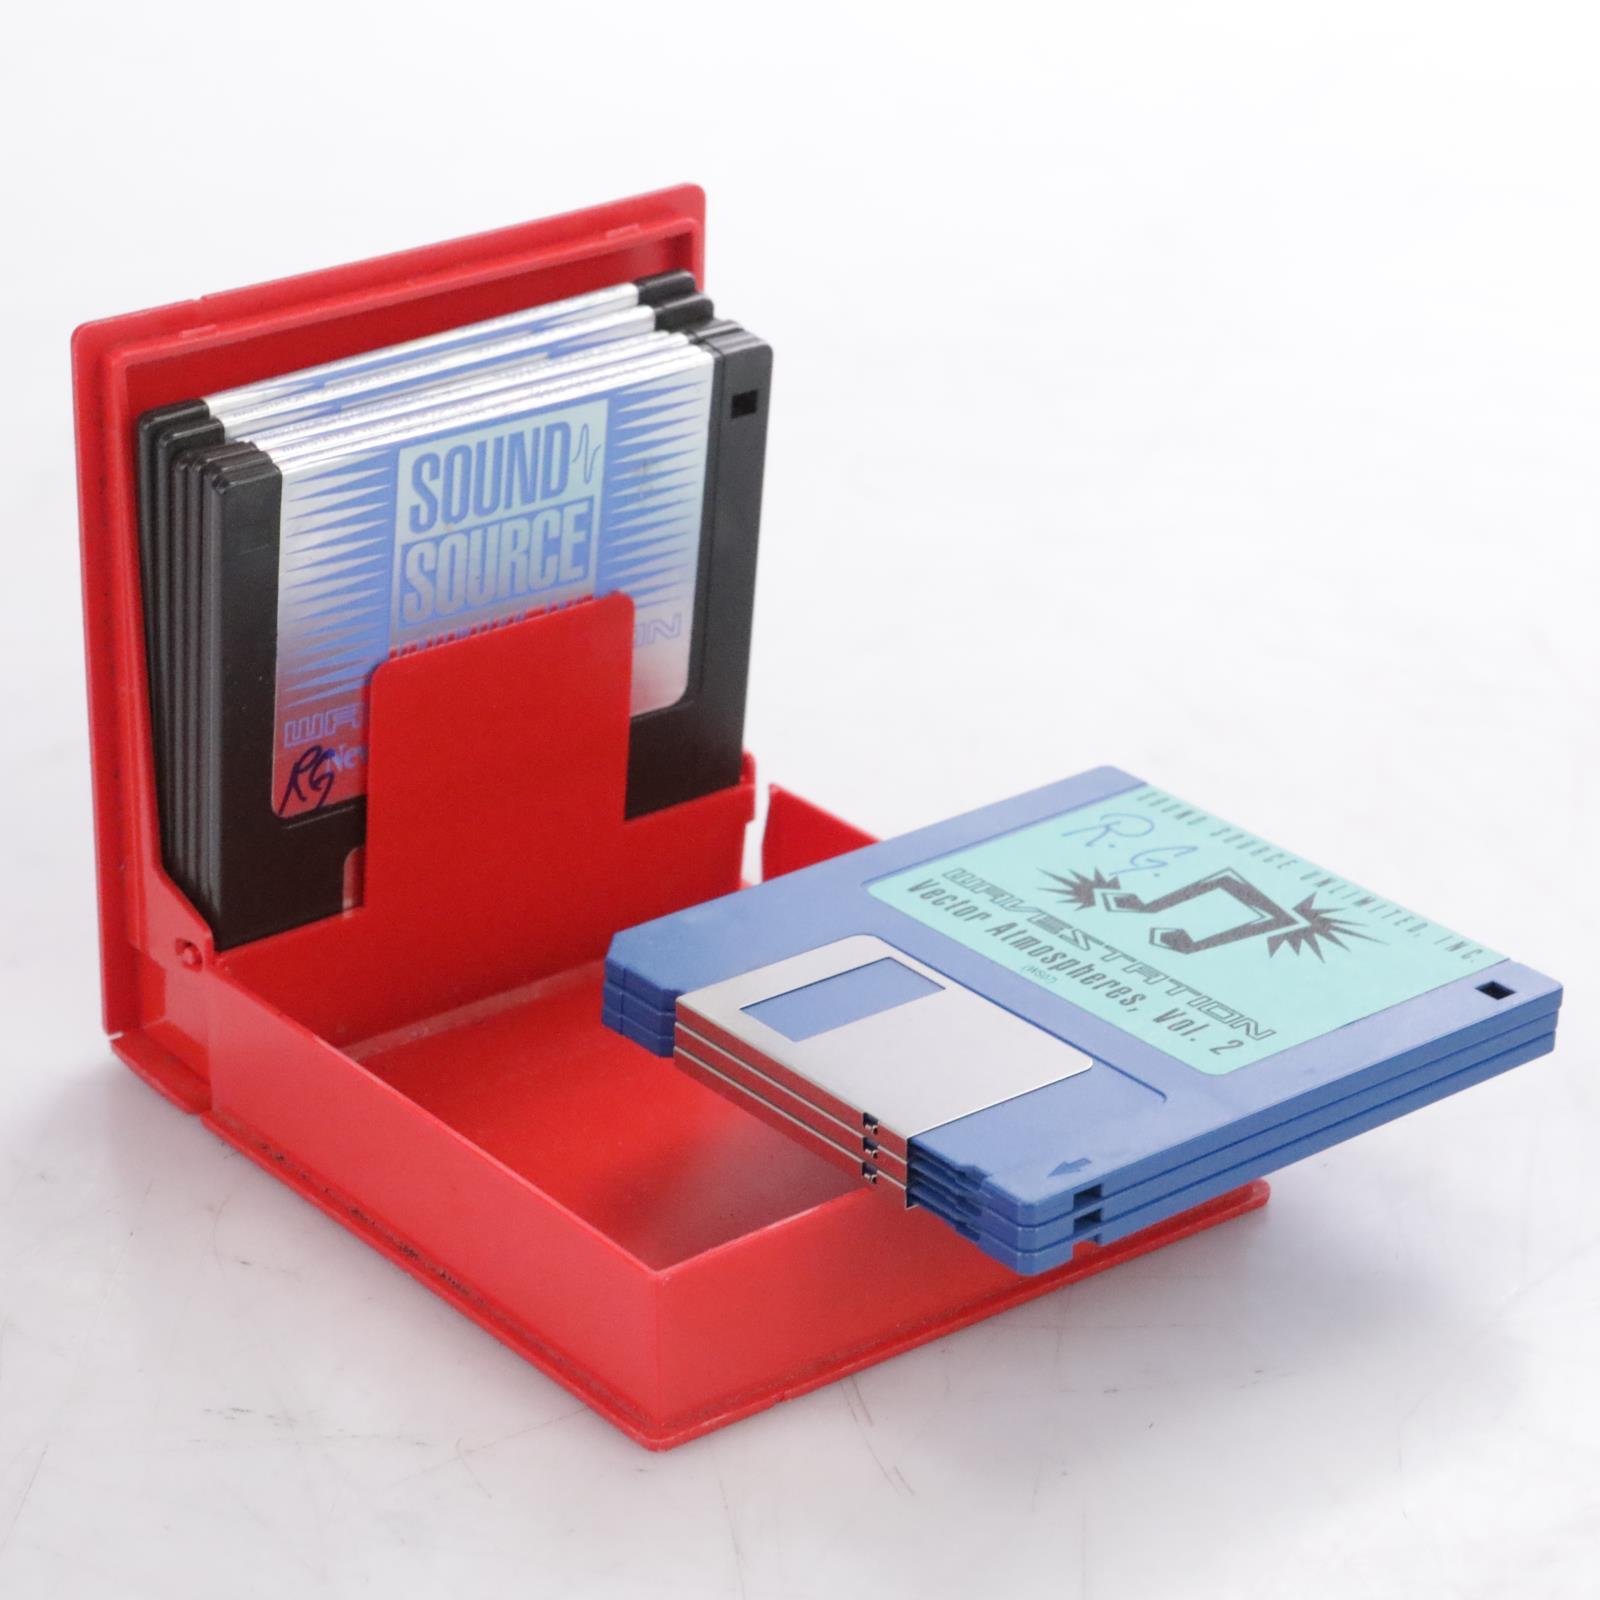 9 Sound Source Unlimited Floppy Disk Sound Banks for the Korg Wavestation #44142